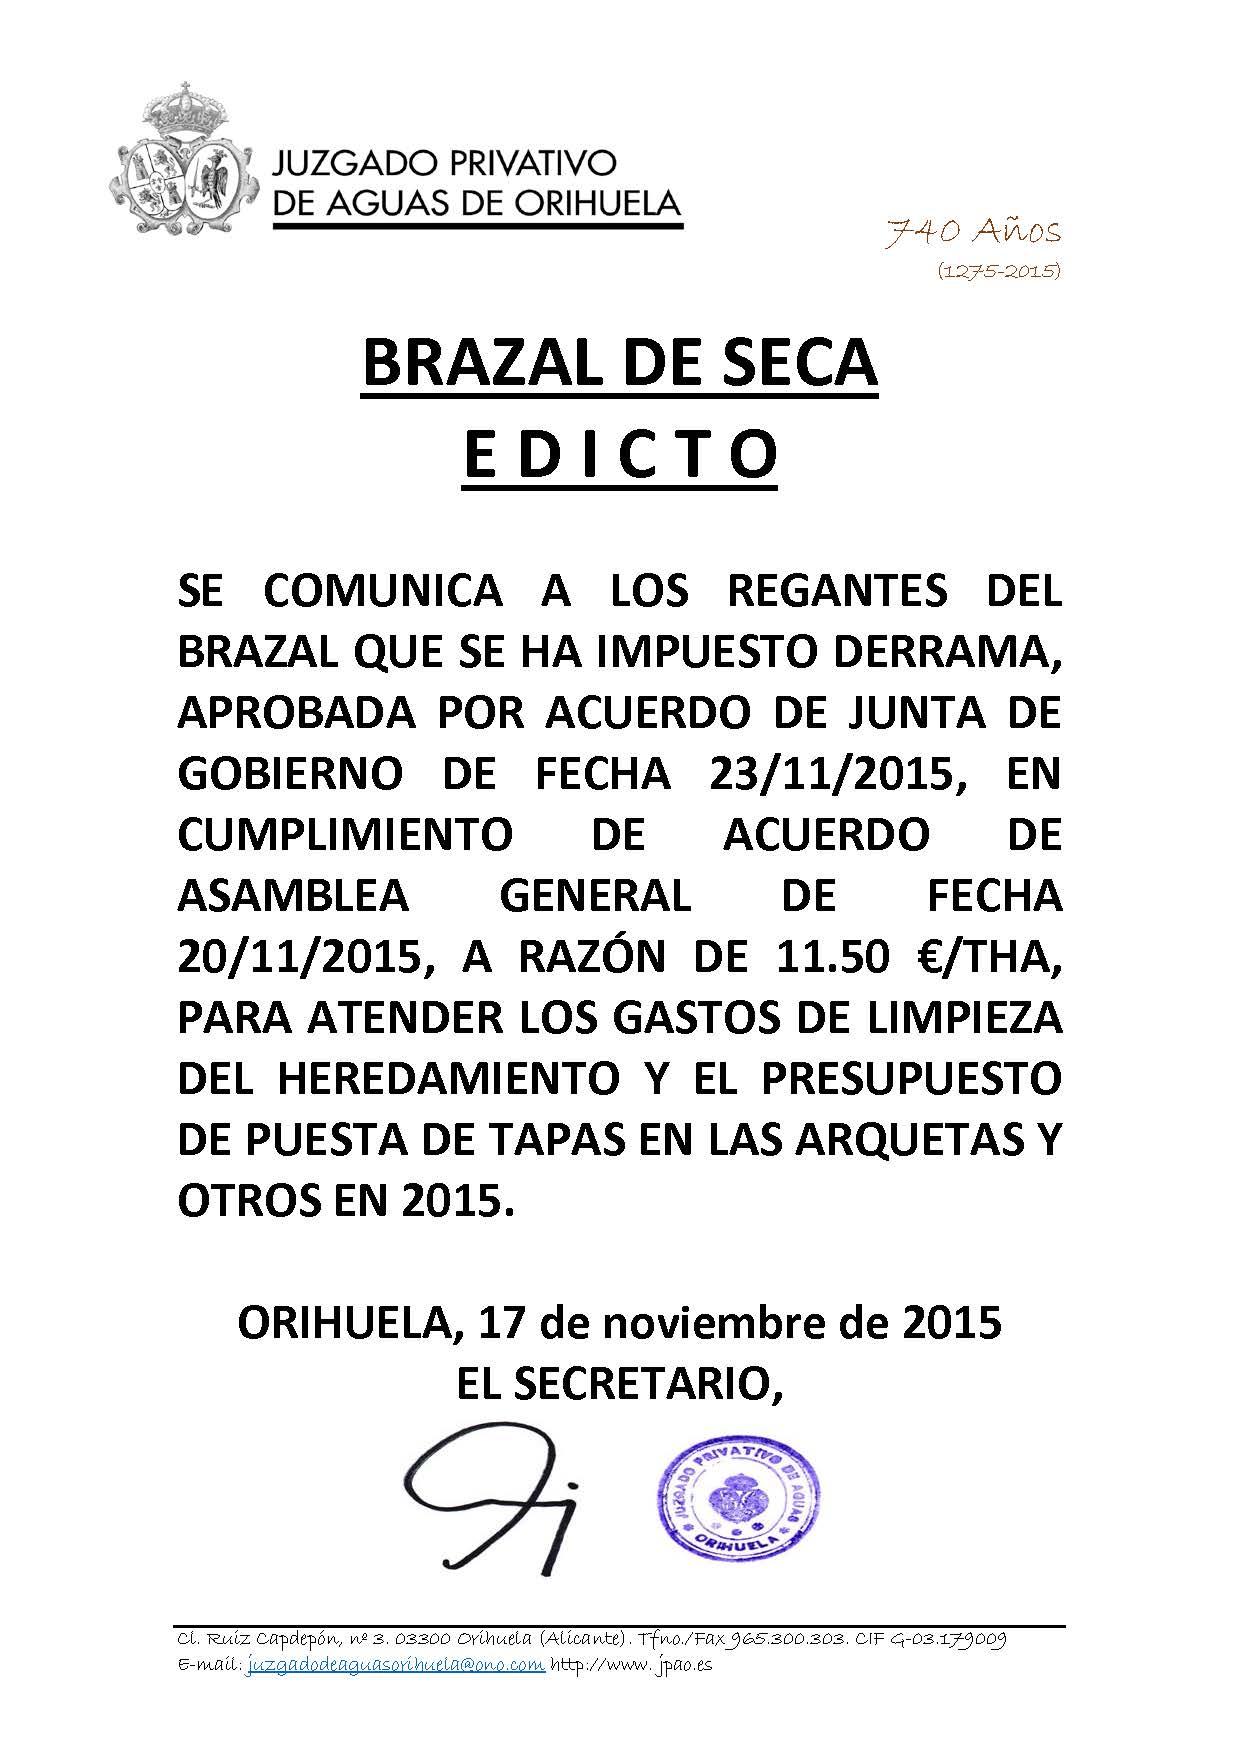 187 2015 BRAZAL DE SECA. edicto imposicion derrama